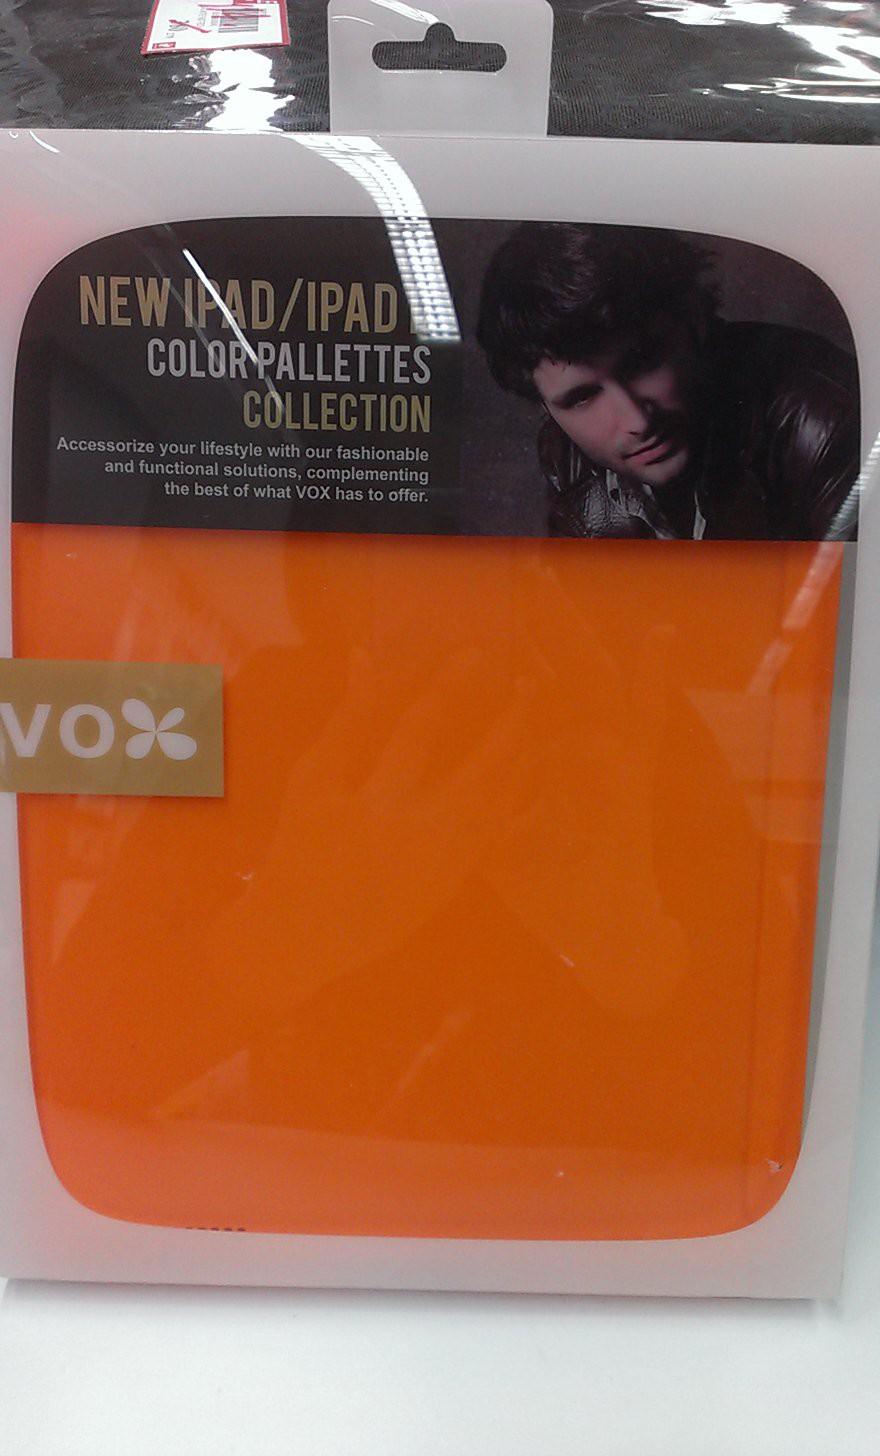 ขายเคส **VOX** NEW iPad/iPad 2 สีส้ม รูปที่ 1